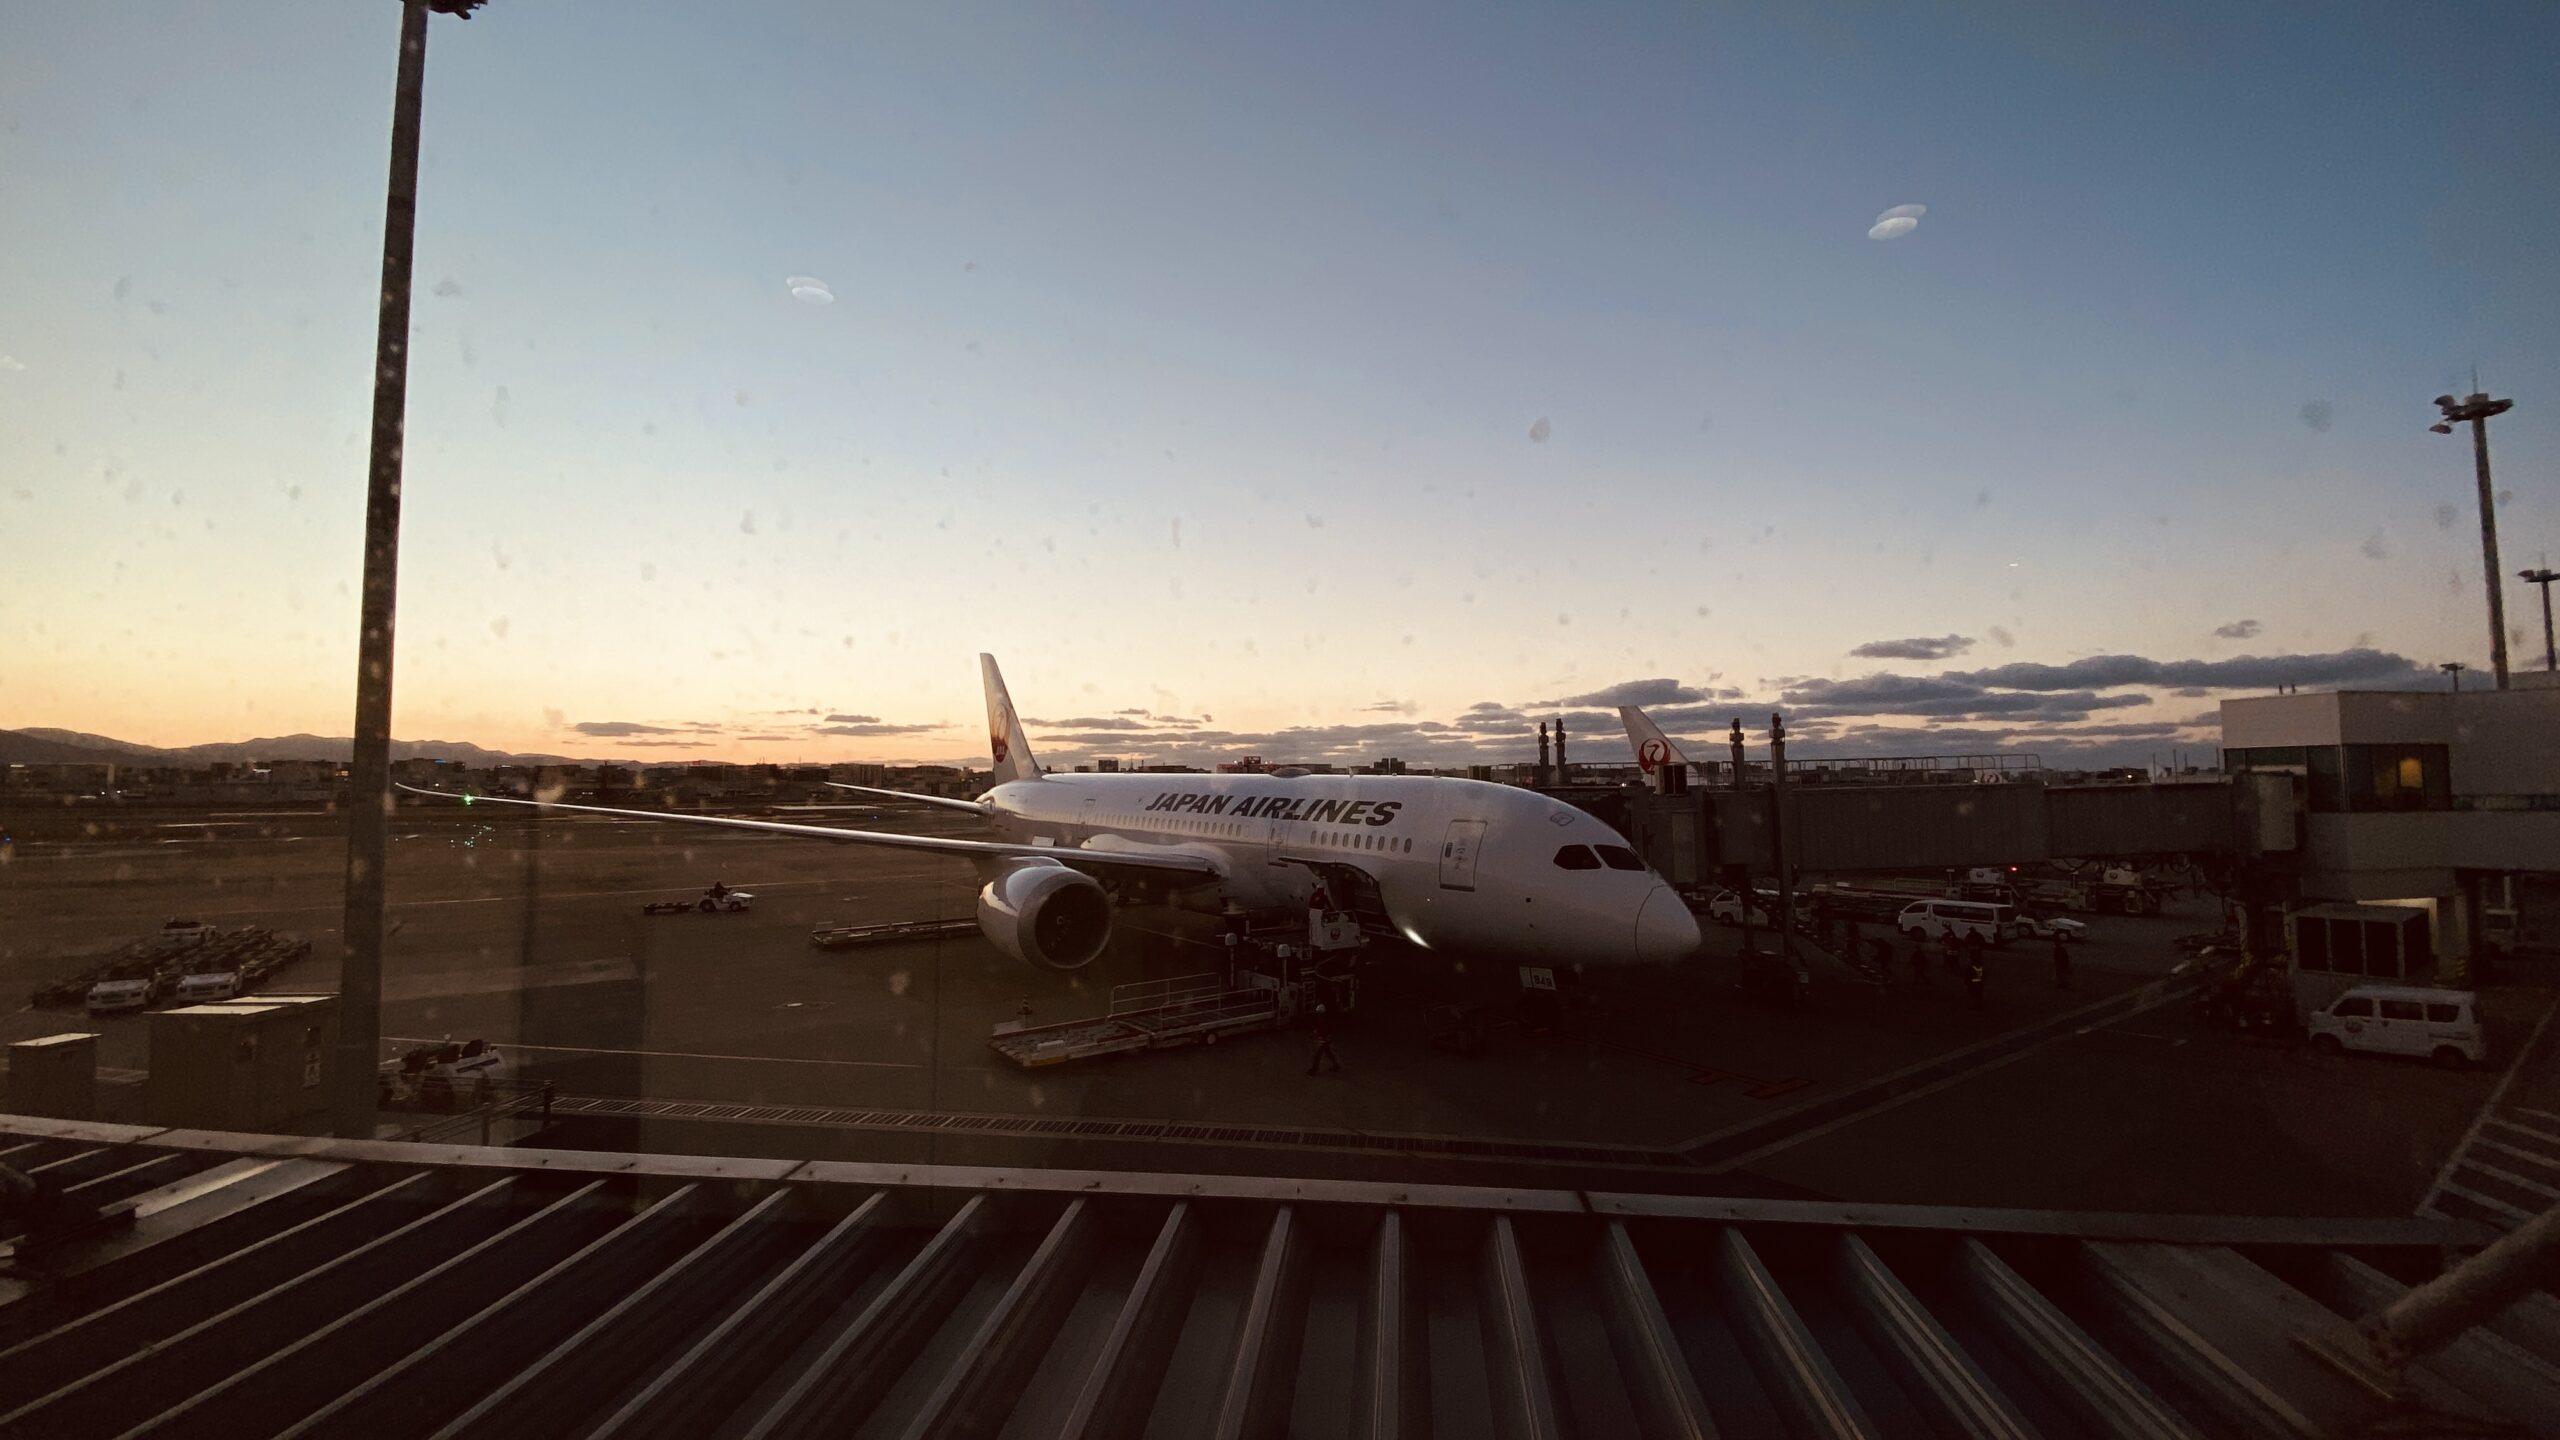 ボーイングB787-800型機 JL325 羽田~福岡 ファーストクラス 搭乗記 19JAN21